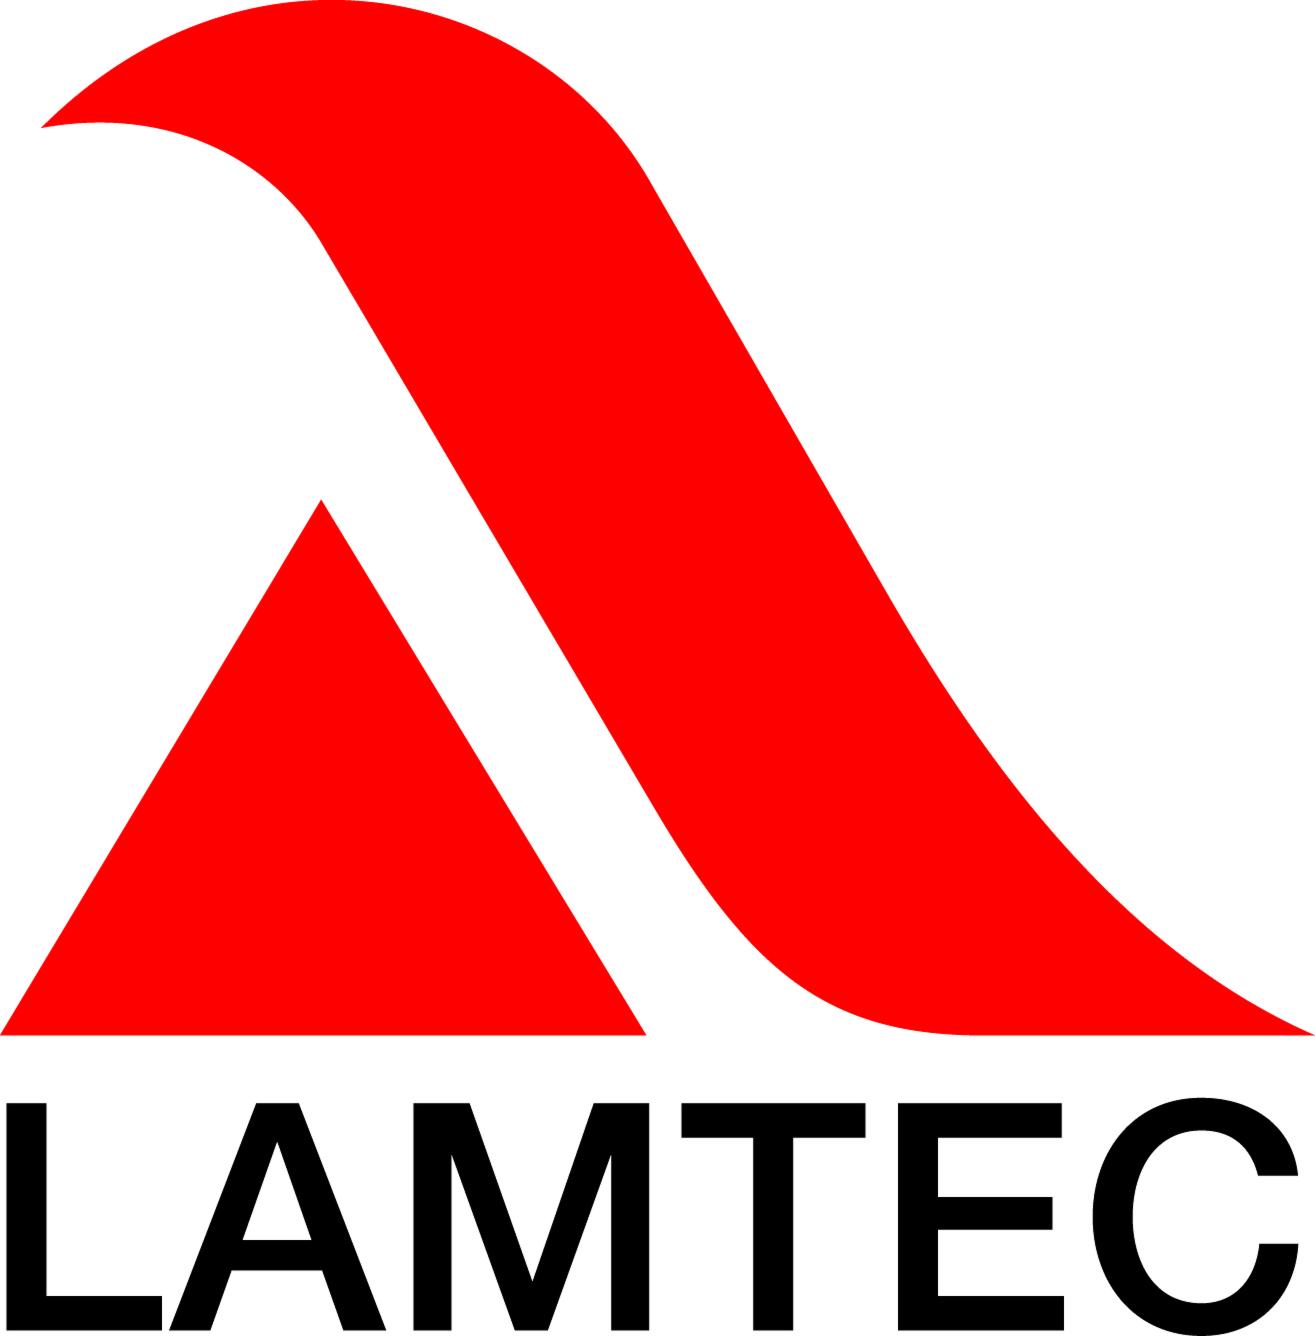 LAMTEC MEß UND REGELTECHNIK FUR FEUERUNGEN GMBH & CO KG